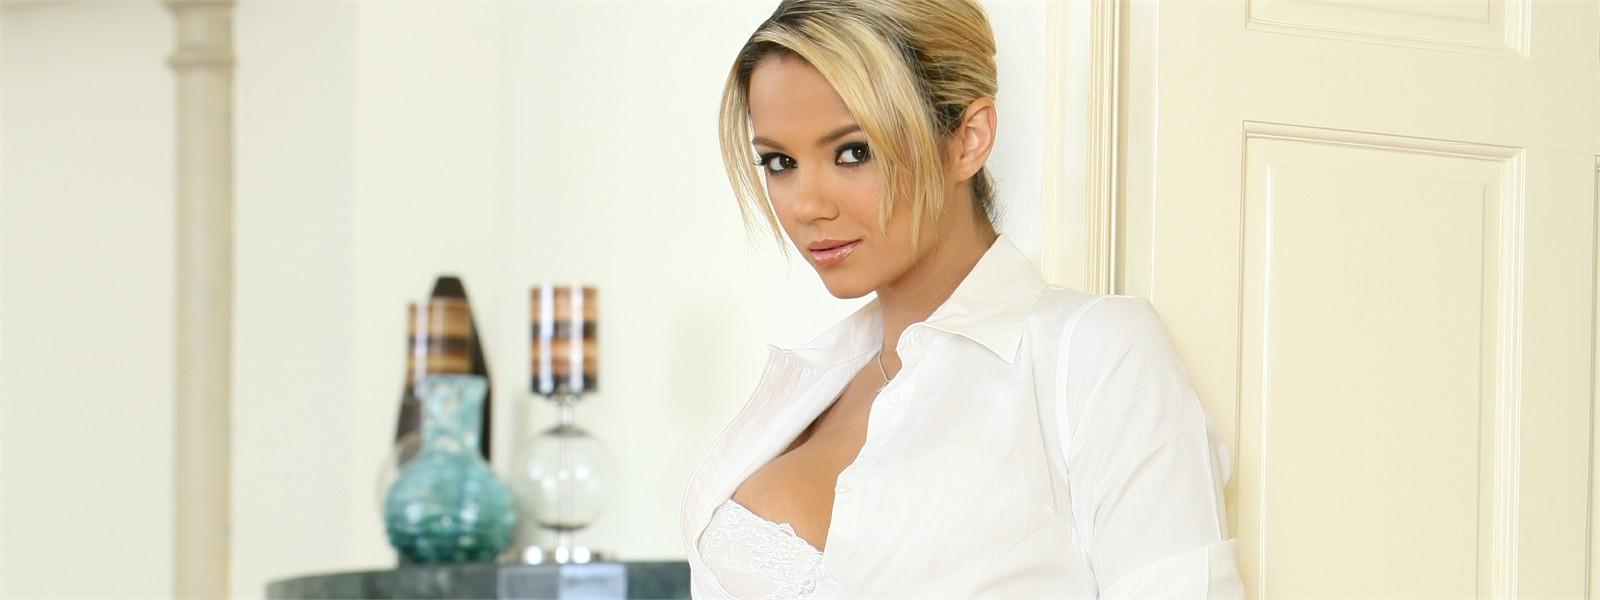 Ashlynn Brooke Pornstar